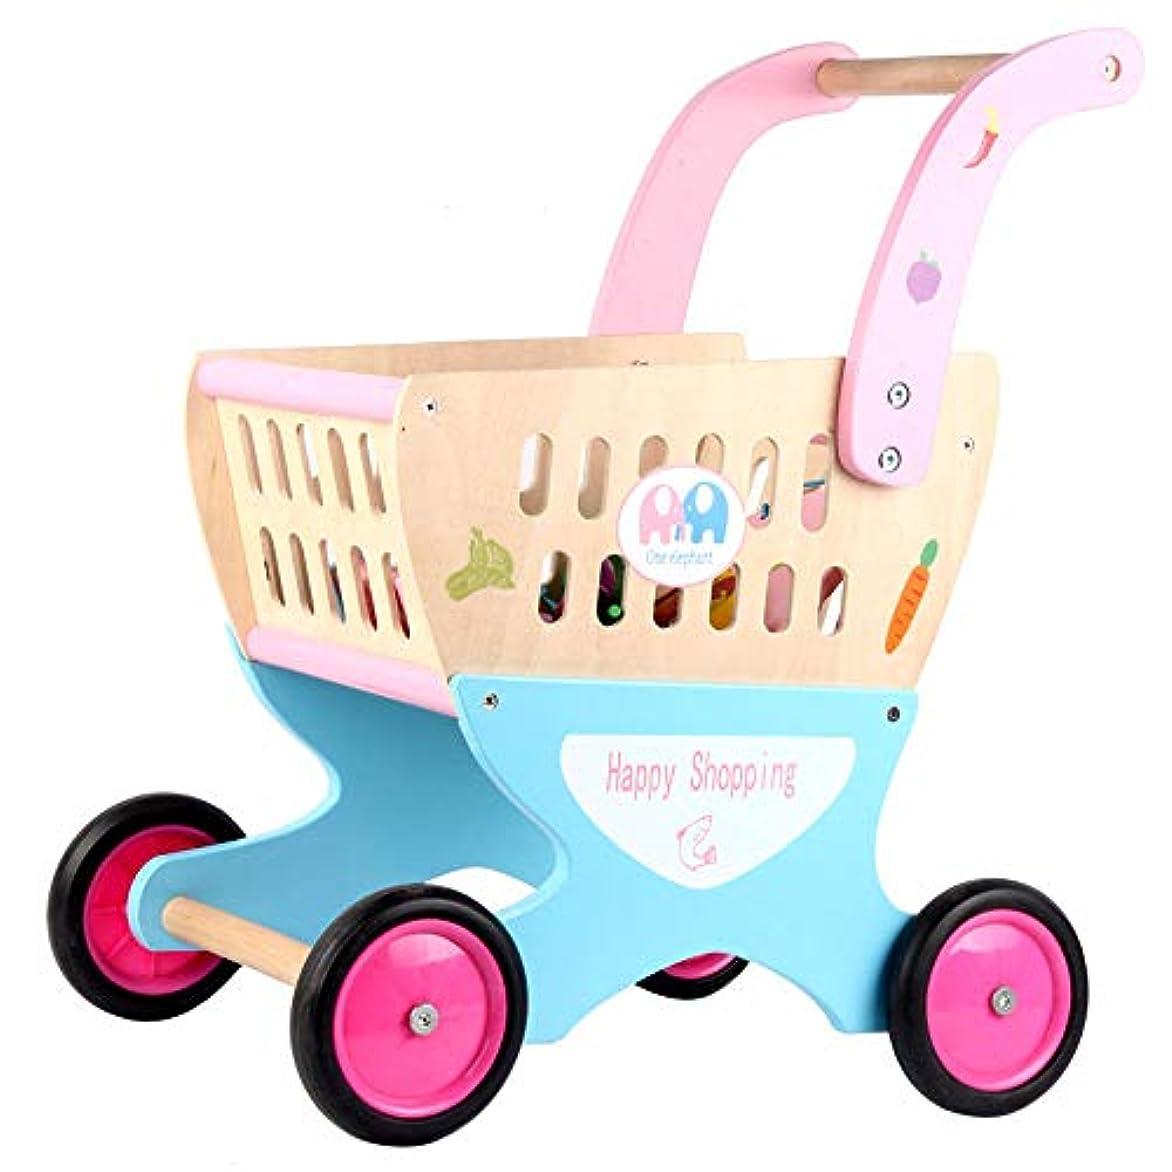 ベリー温度計トピックおもちゃの食べ物が付いているおもちゃの買物車 - 3-6歳の男の子、女の子のための子供の買物車のトロリー安全で楽しい子供の木のおもちゃ